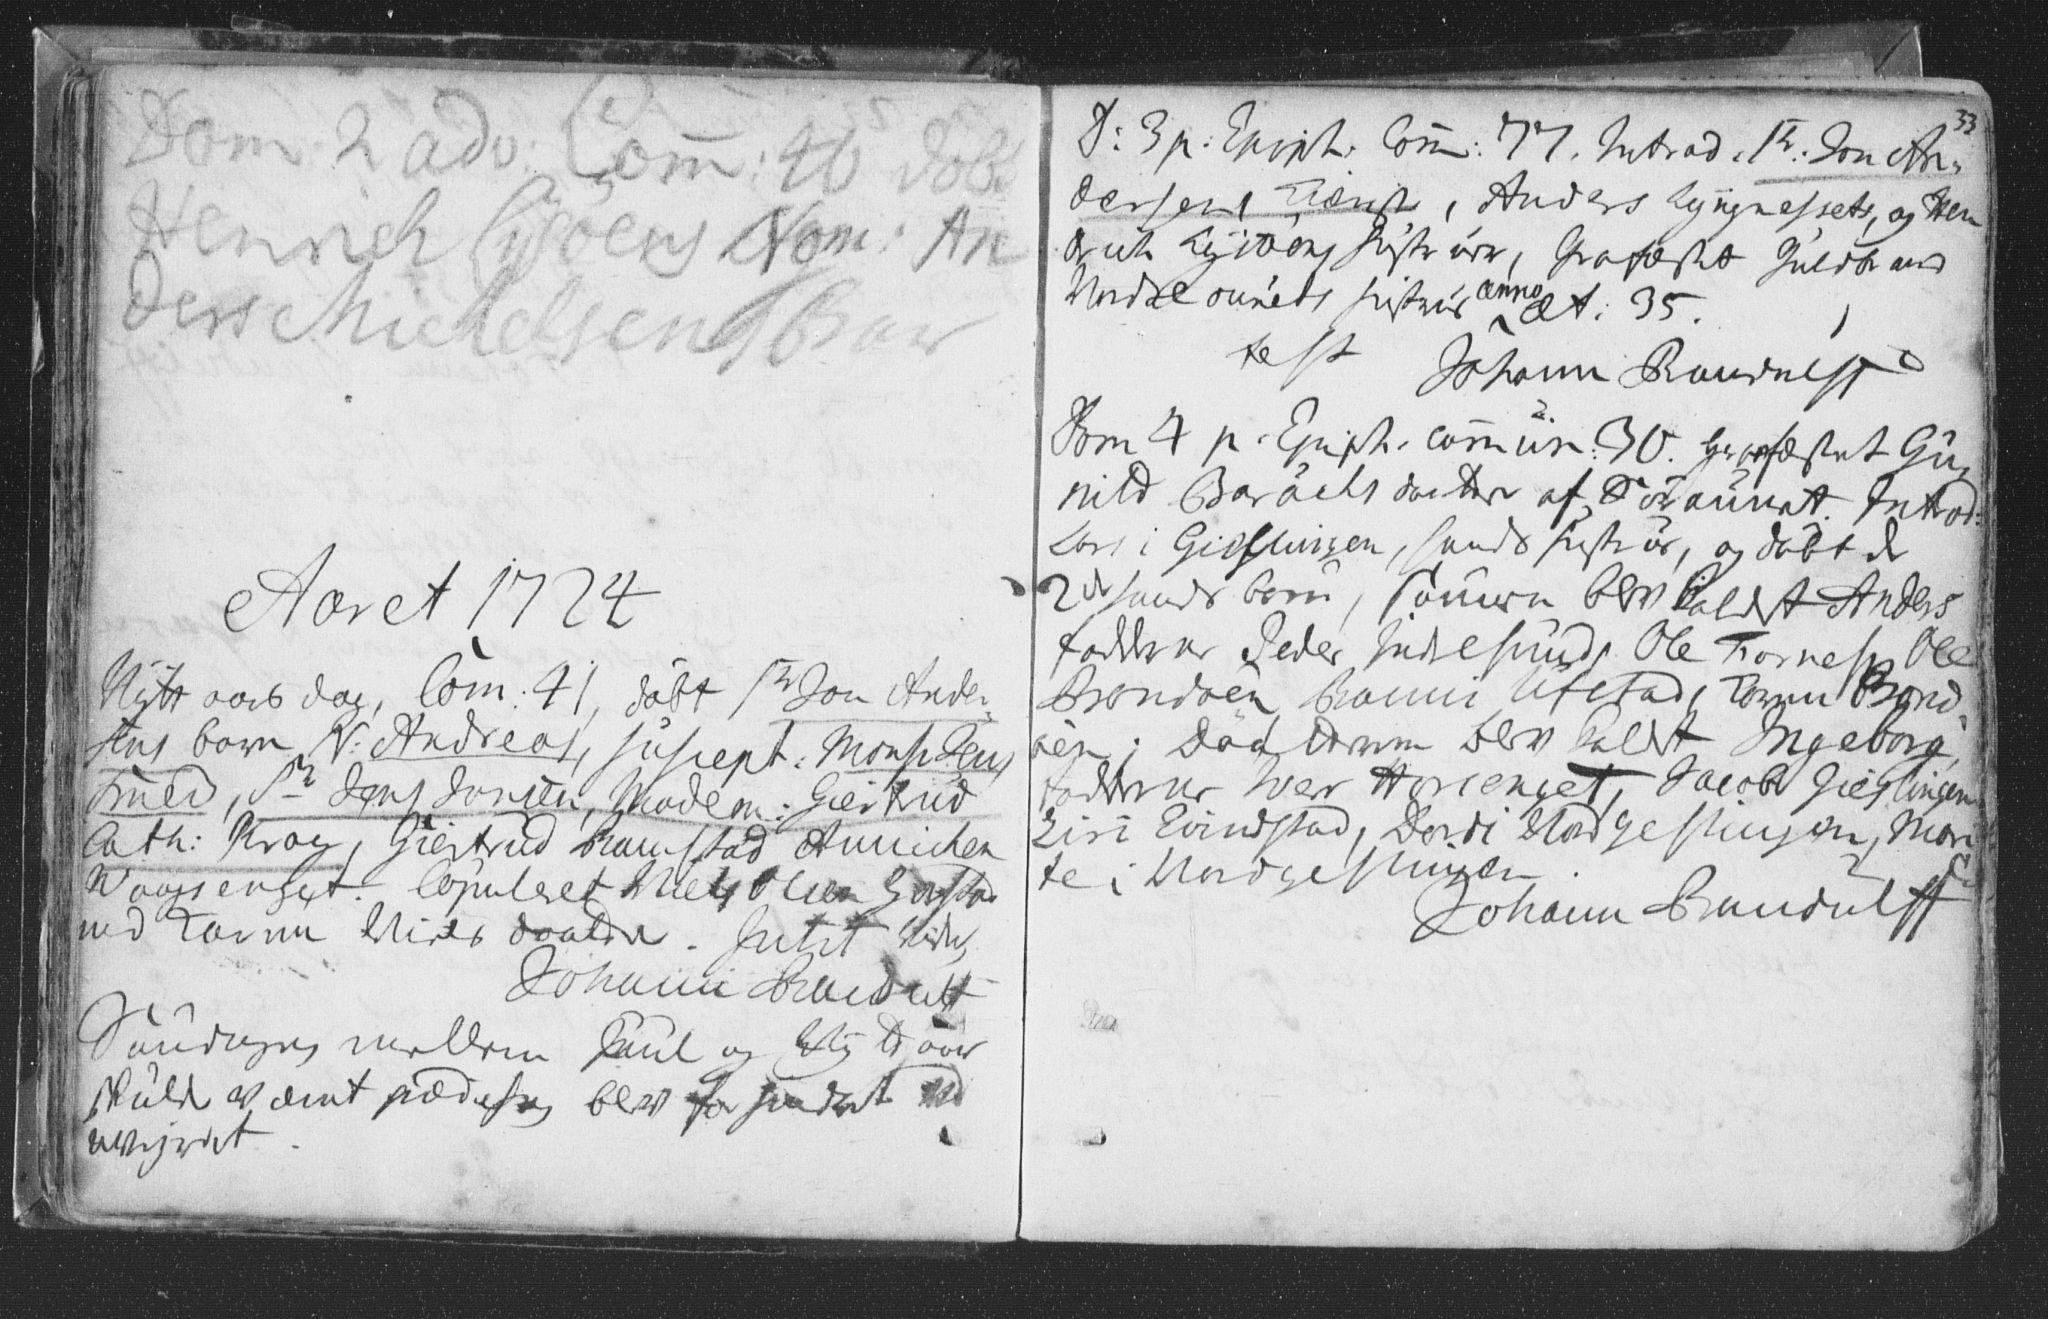 SAT, Ministerialprotokoller, klokkerbøker og fødselsregistre - Nord-Trøndelag, 786/L0685: Ministerialbok nr. 786A01, 1710-1798, s. 33